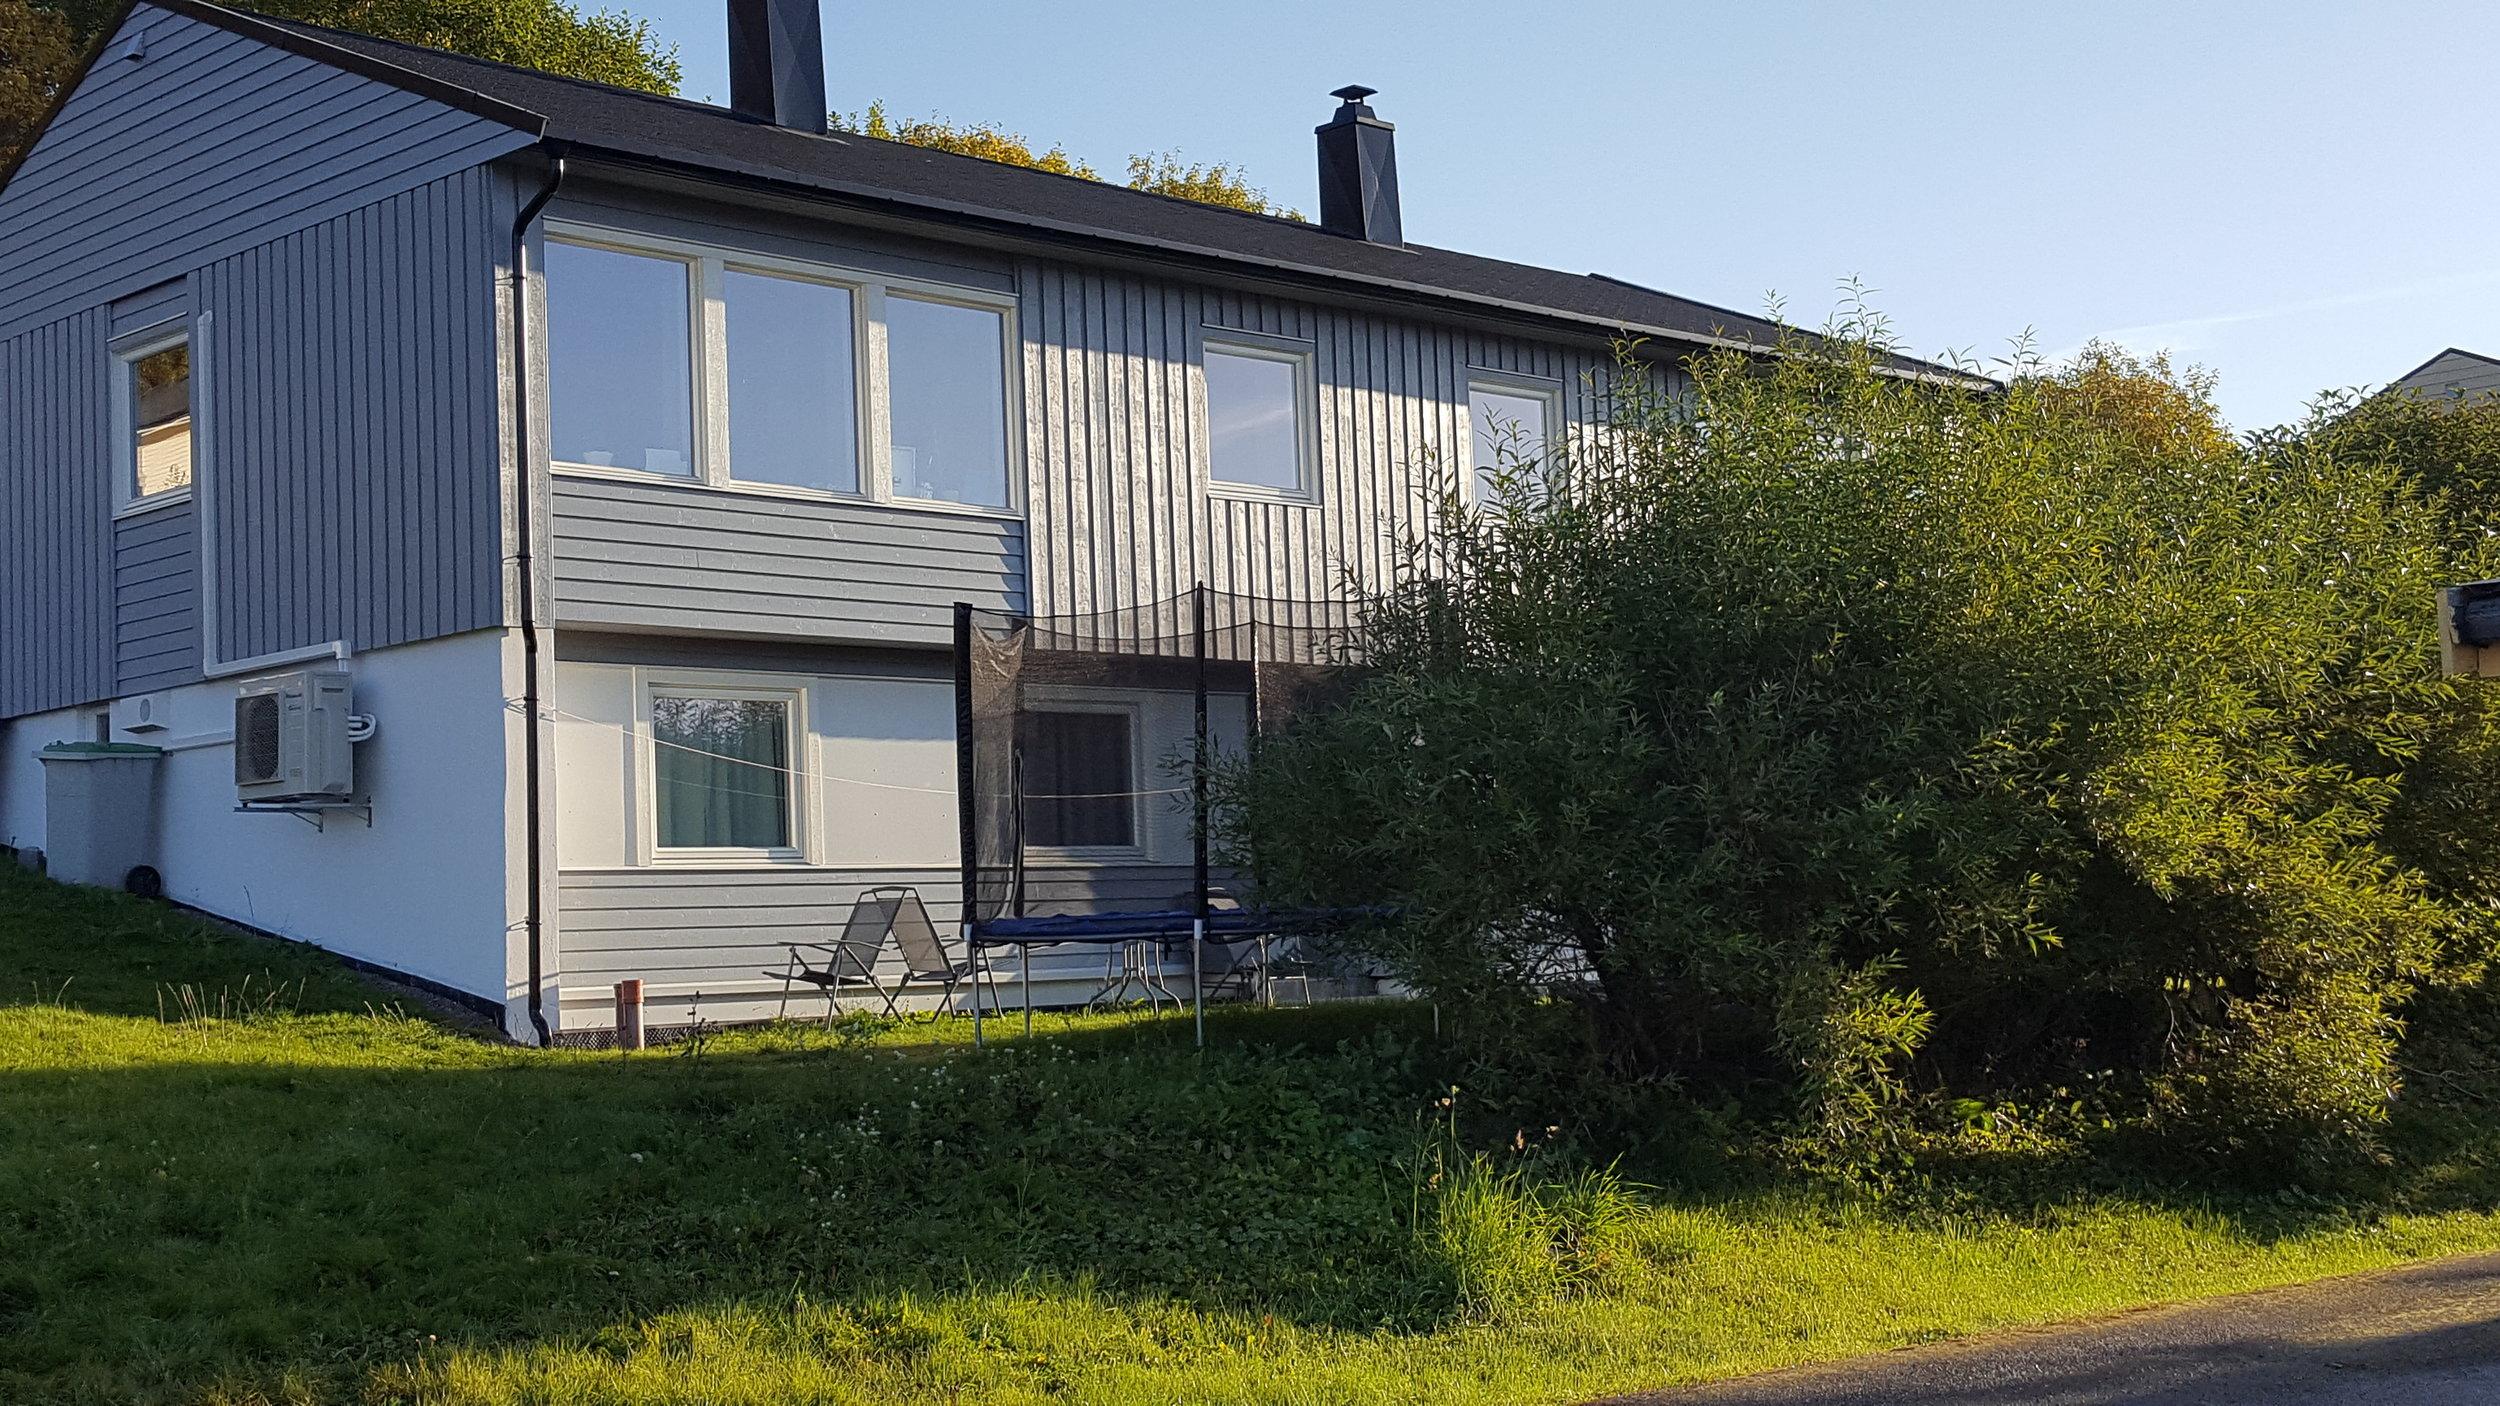 Dette huset er nybygd i 2016 og inneholder 2 identiske 4-roms leiligheter. Utleid fra første dag.